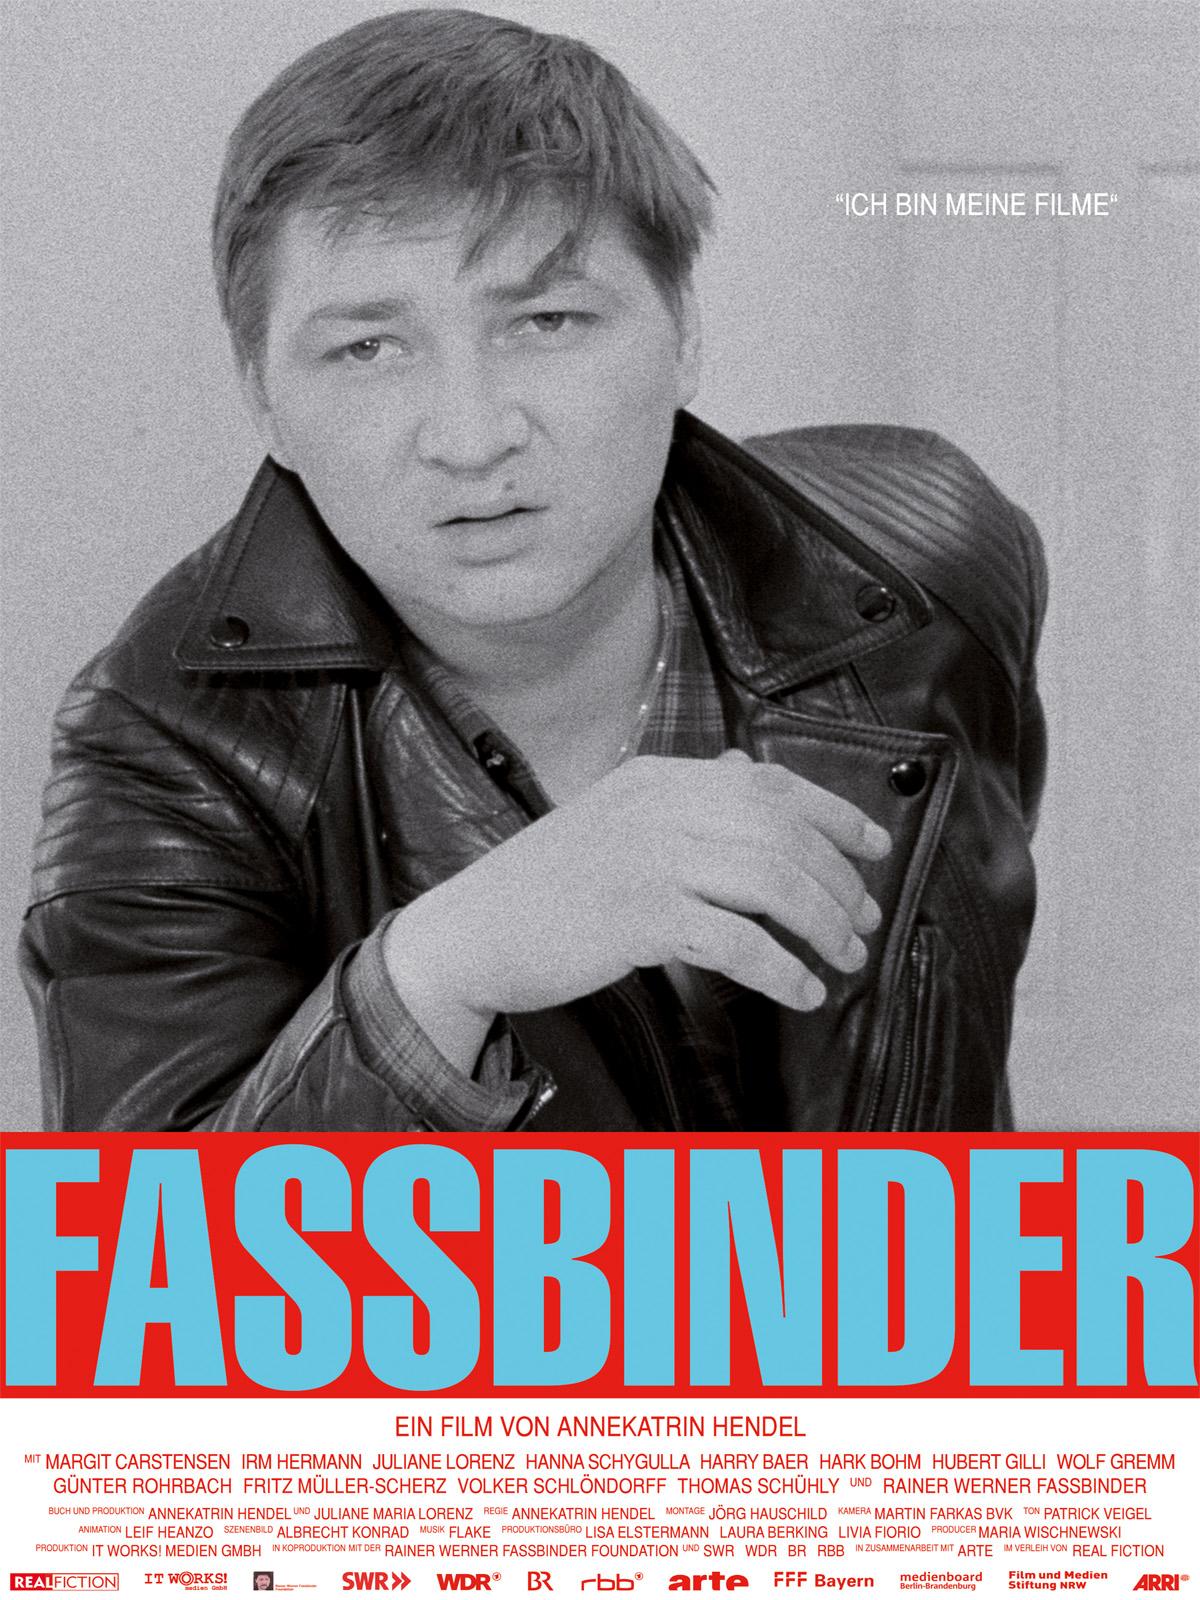 Fassbinder Filme